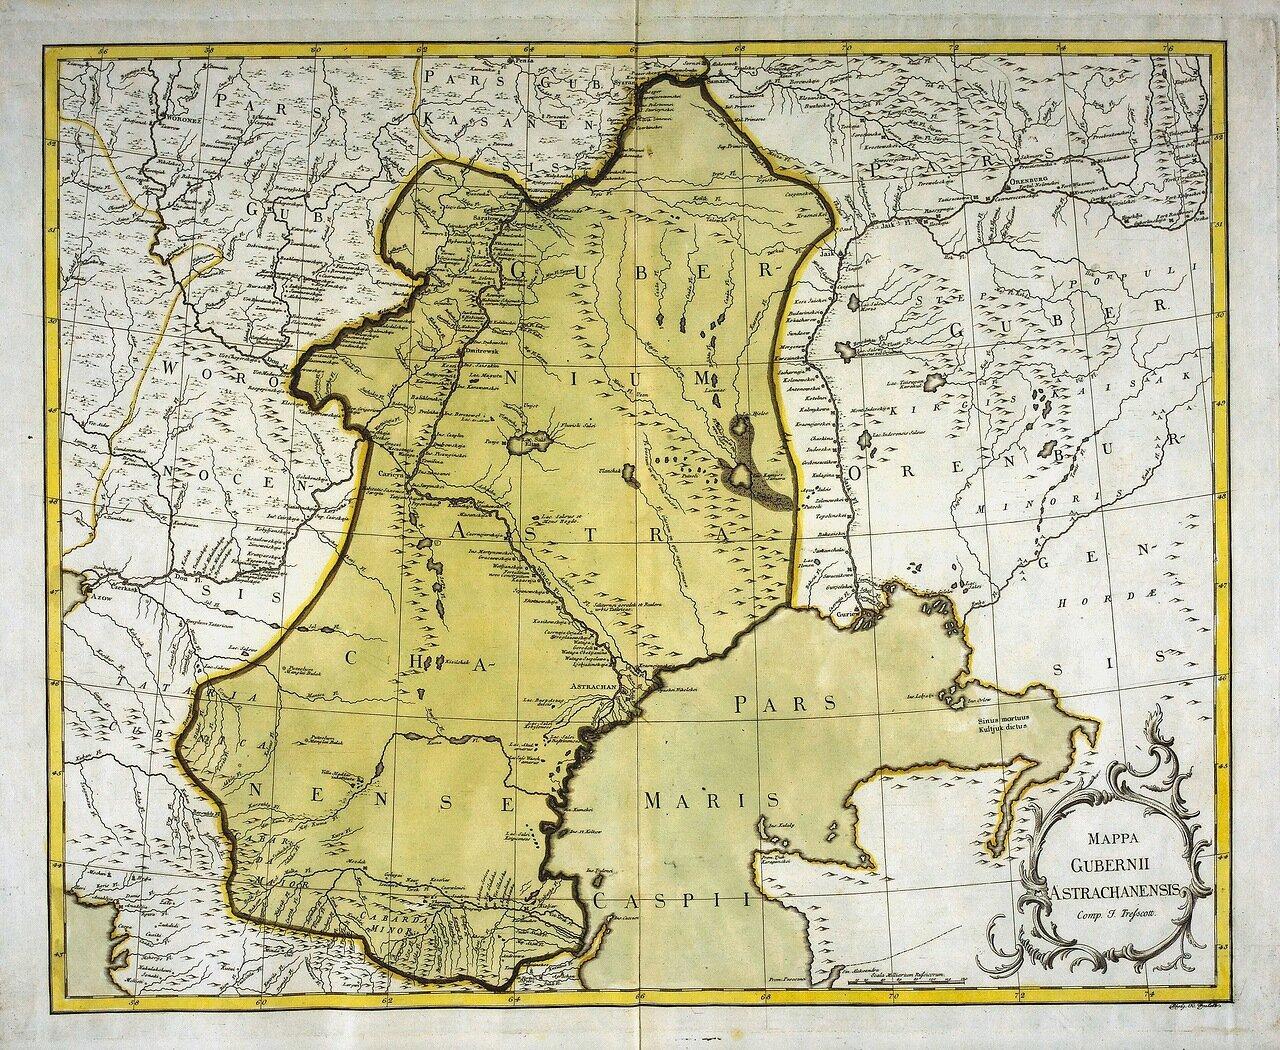 1750. Карта Астраханской губернии